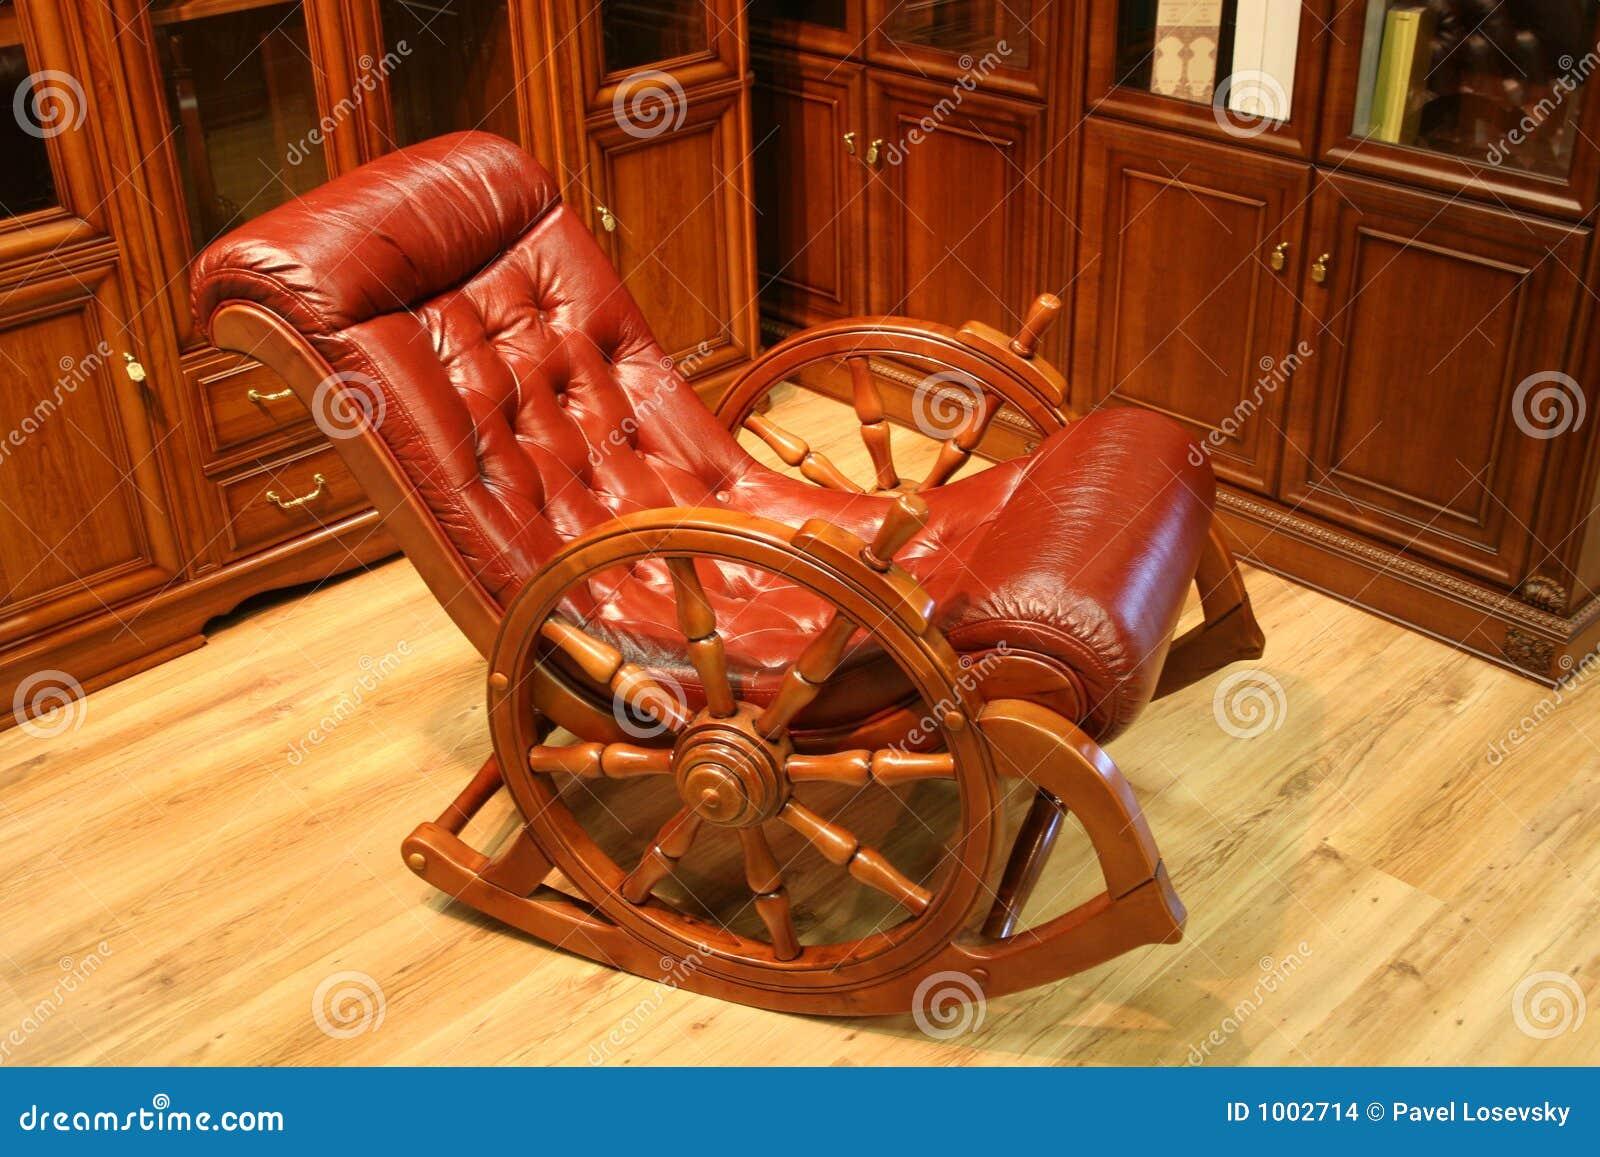 Couro Da Cadeira De Balanço Imagens de Stock Imagem: 1002714 #381604 1300x957